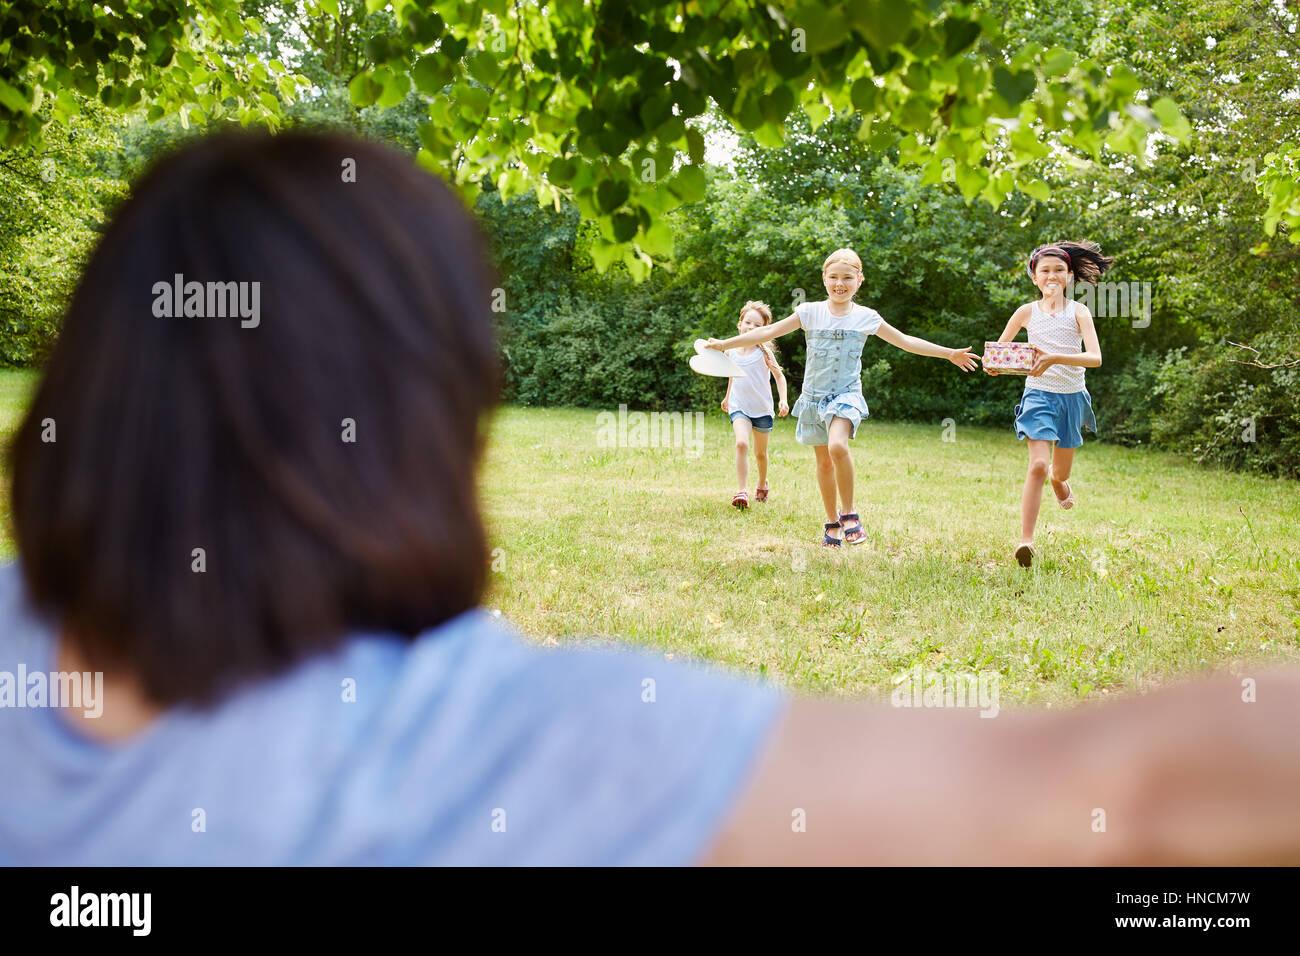 Les enfants courir à accolade anniversaire enfant dans son anniversaire Photo Stock